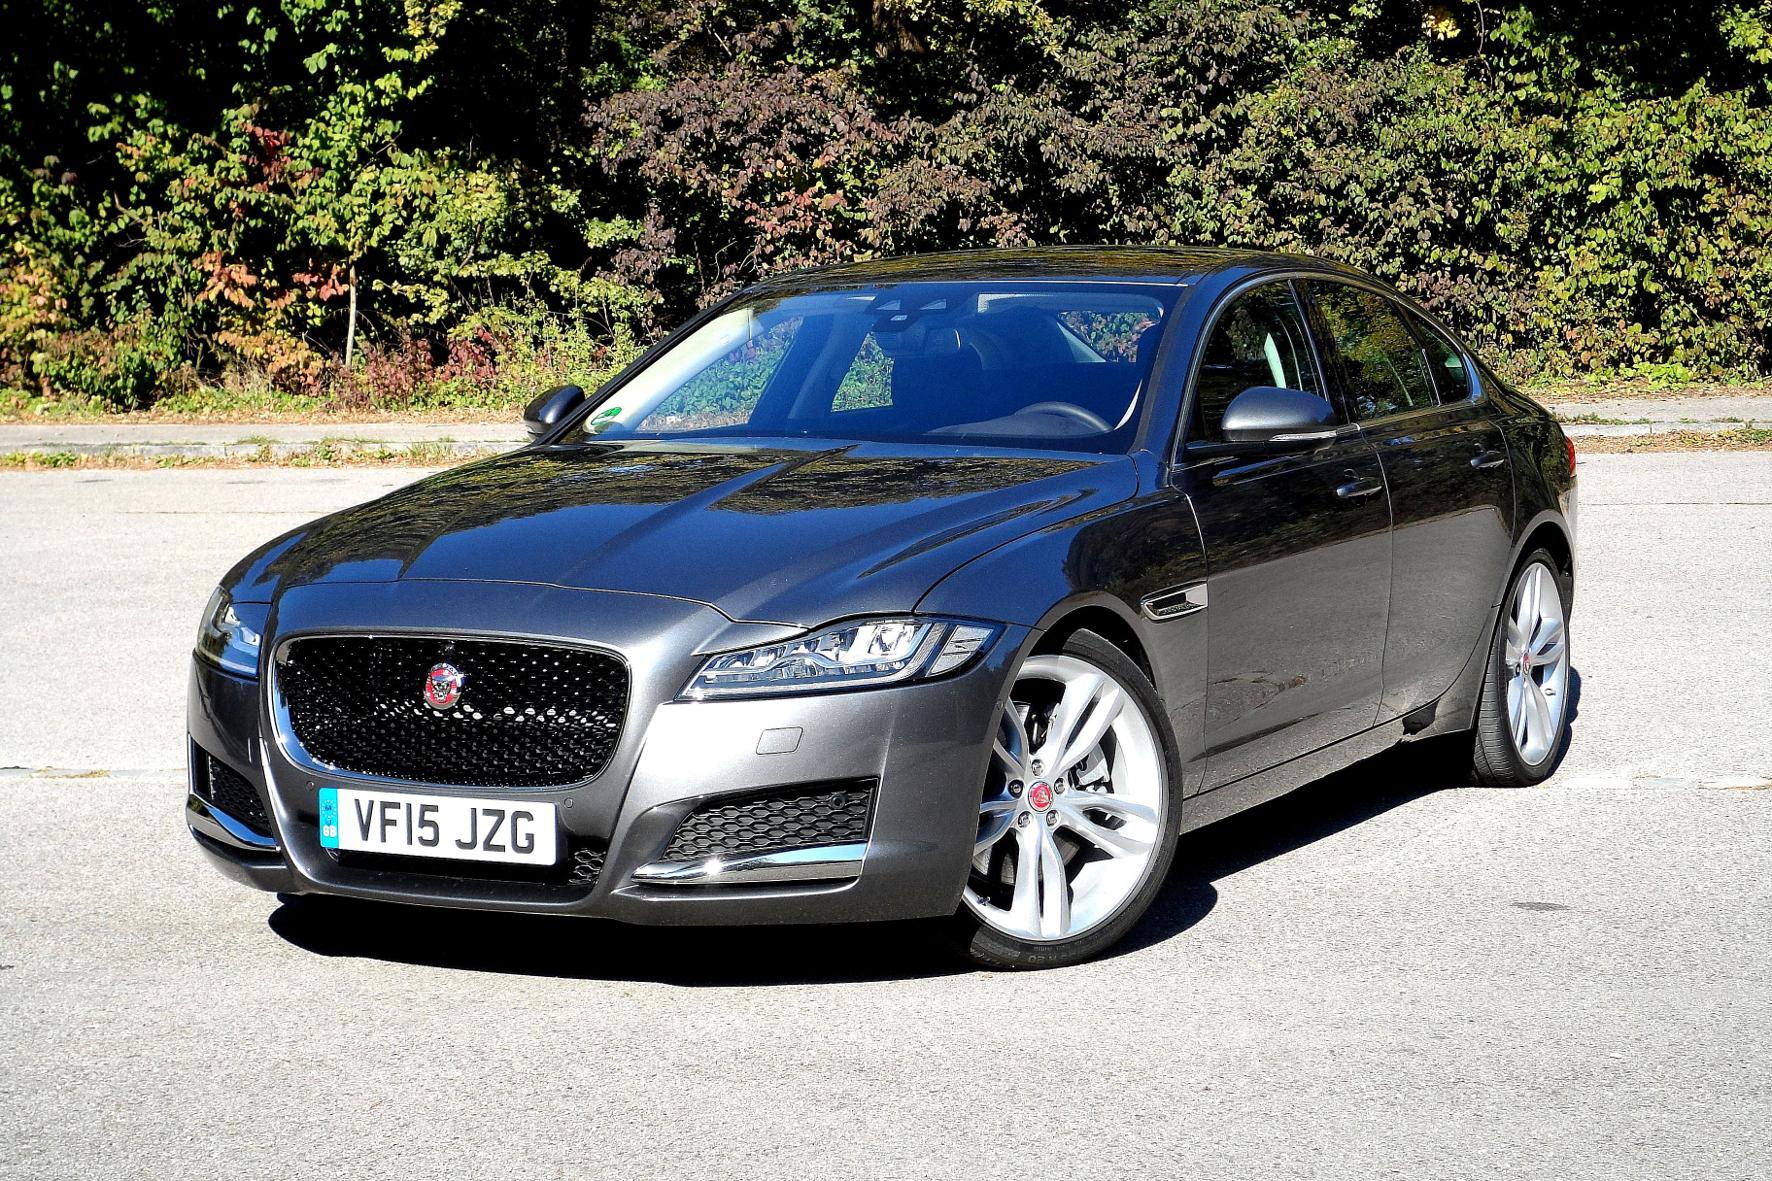 mid Groß-Gerau - Elegant, komfortabel und mit dem Dreiliter-Diesel mehr als gut motorisiert: der Jaguar XF 30d.